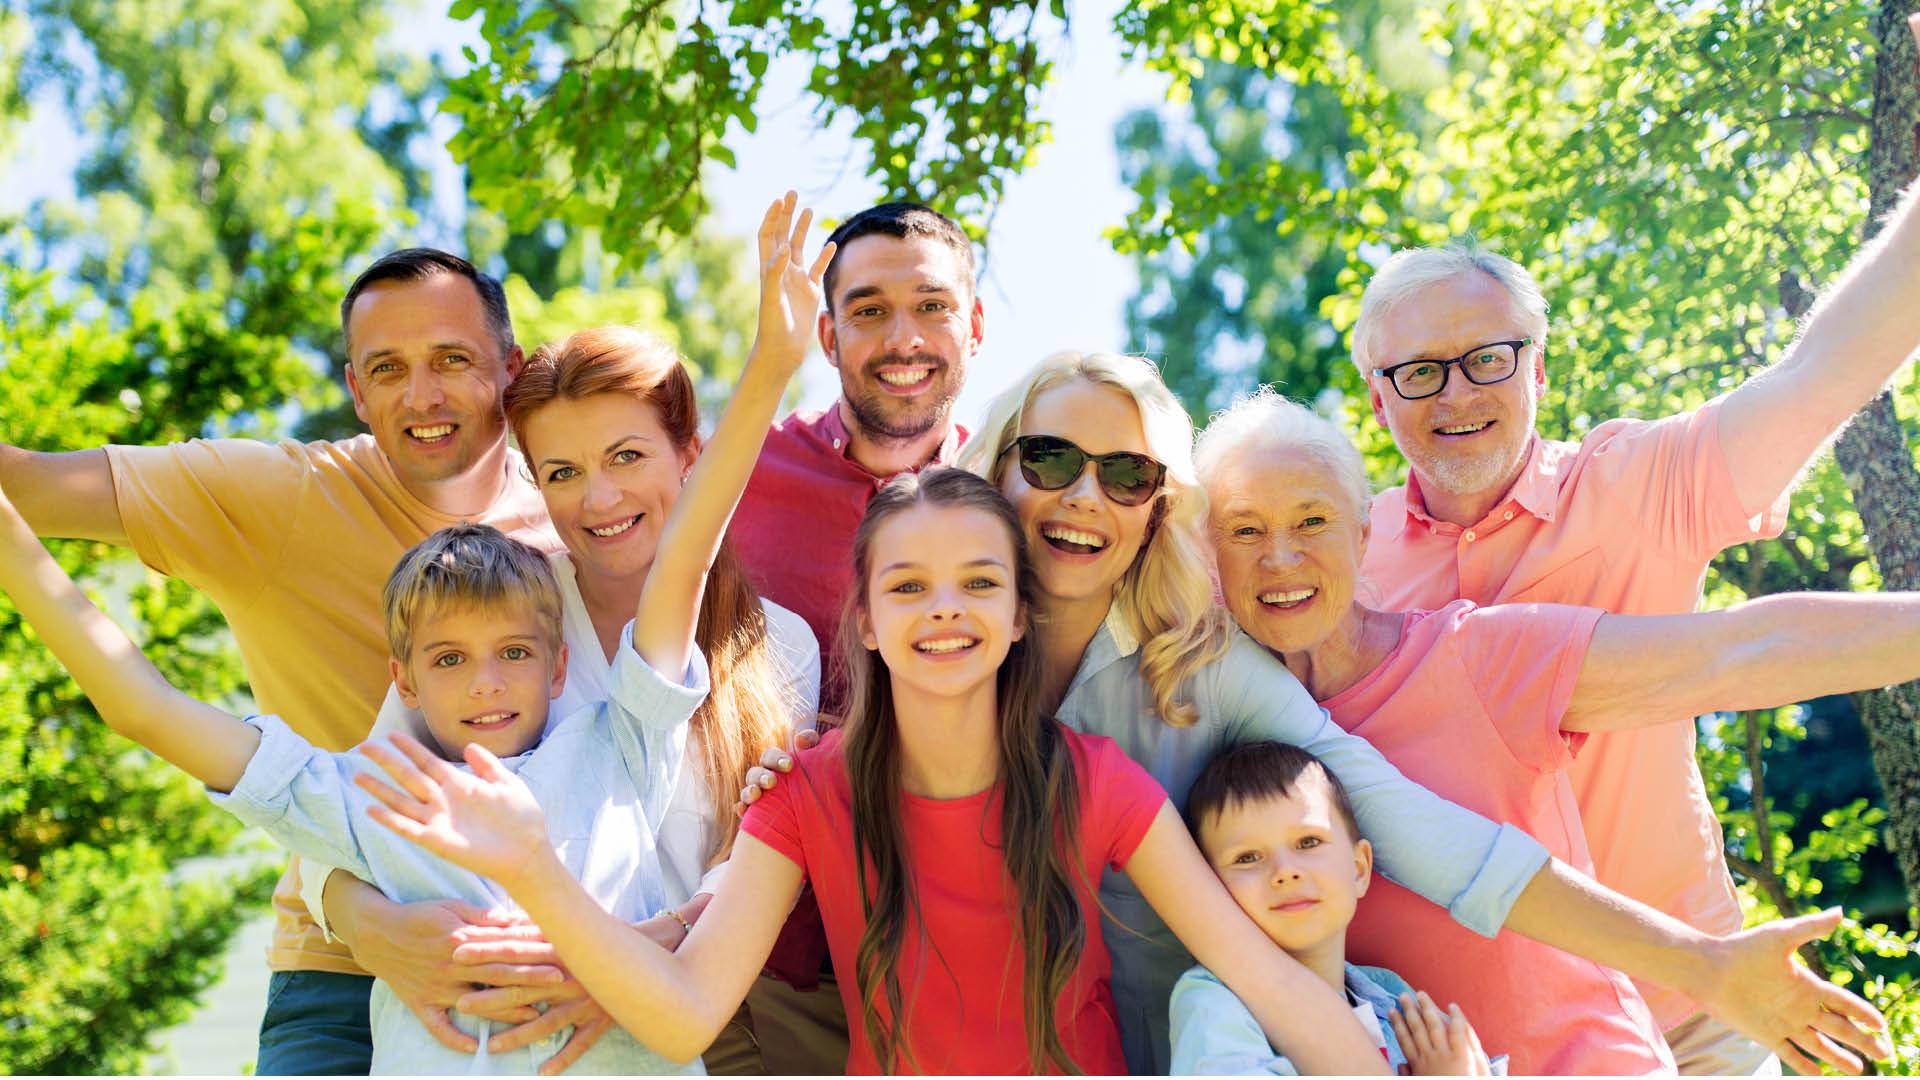 Familientreffen | © Syda Productions - fotolia.com